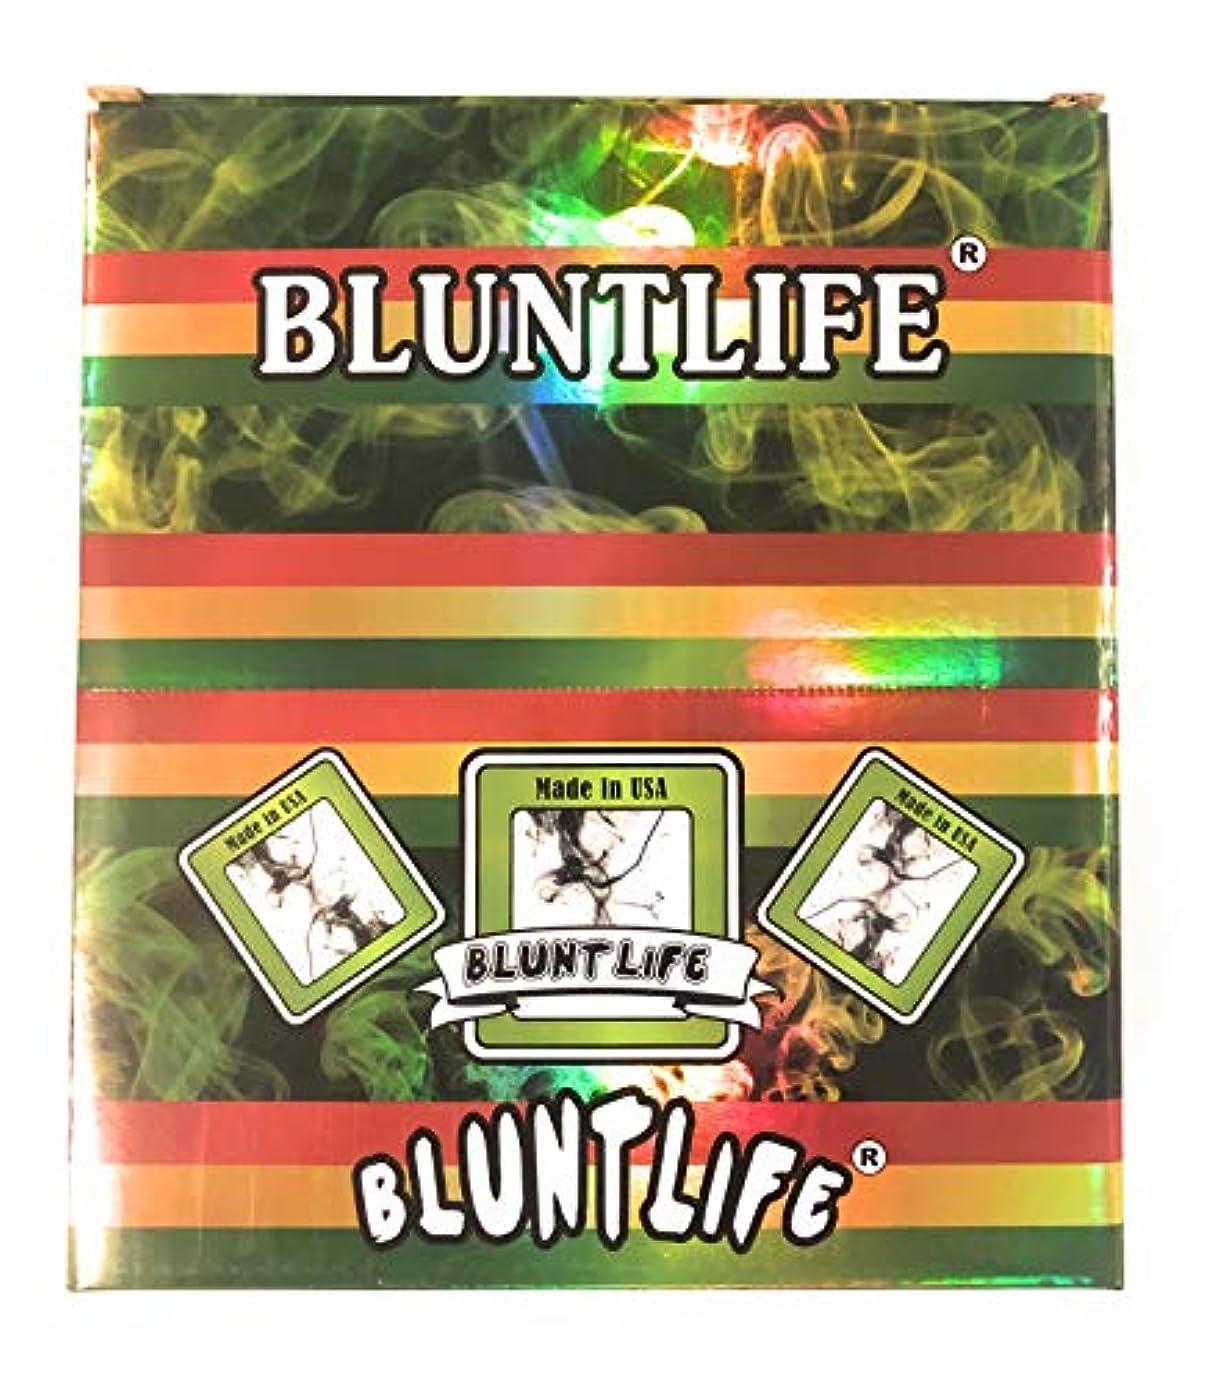 オープナーグリーンバック困惑した864 Incense Sticks Bulk Bluntlife Hand-dipped Incense Perfume Wands Display 12-72 Count Assorted